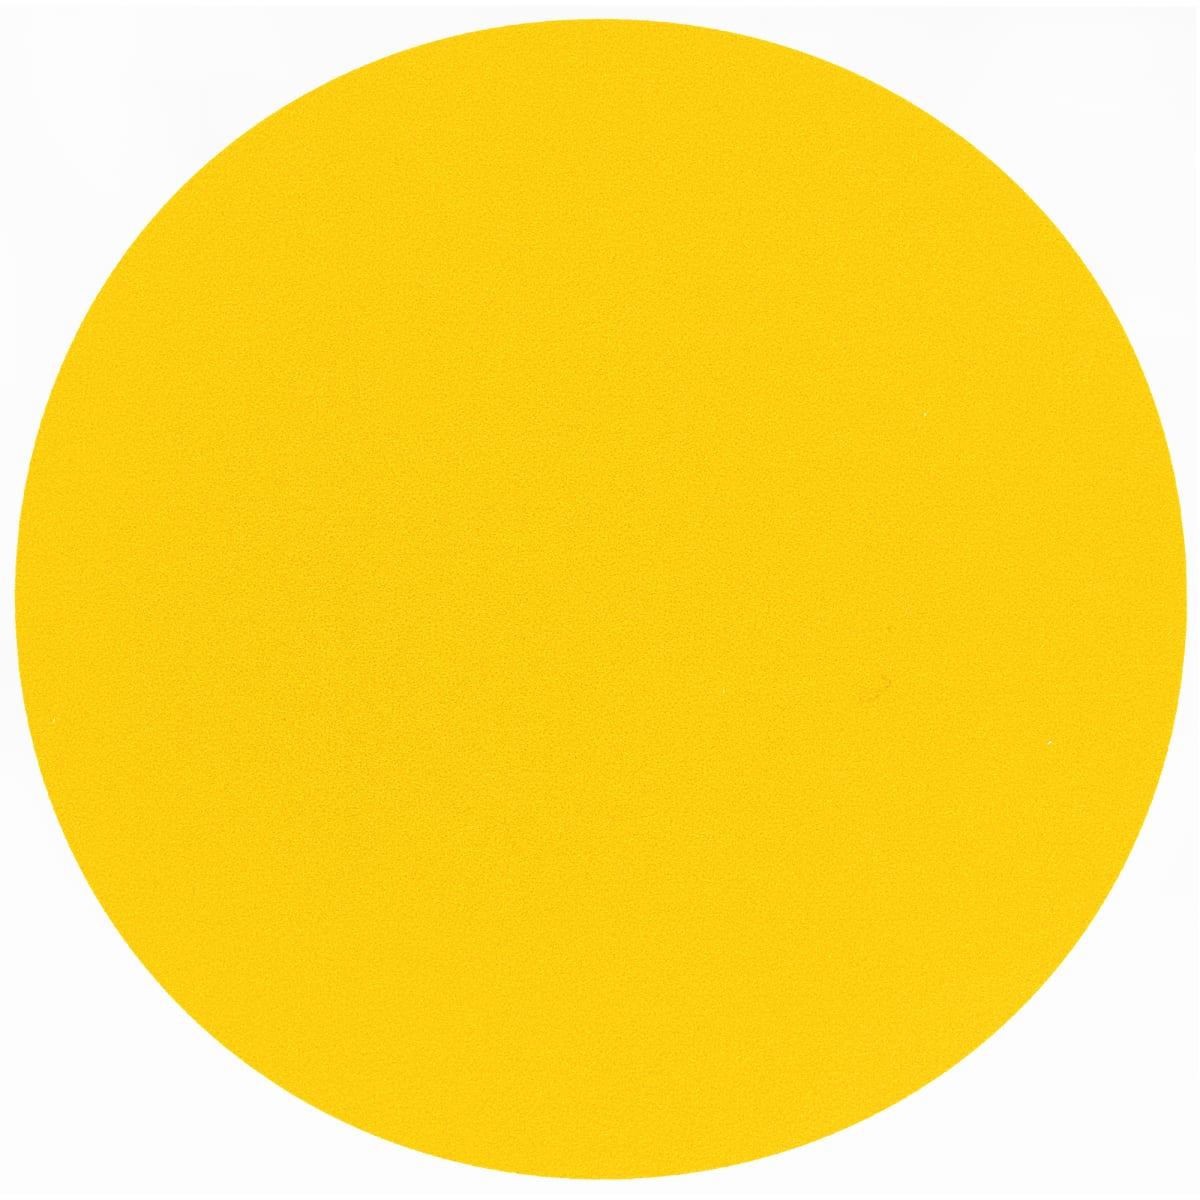 Что такое круг